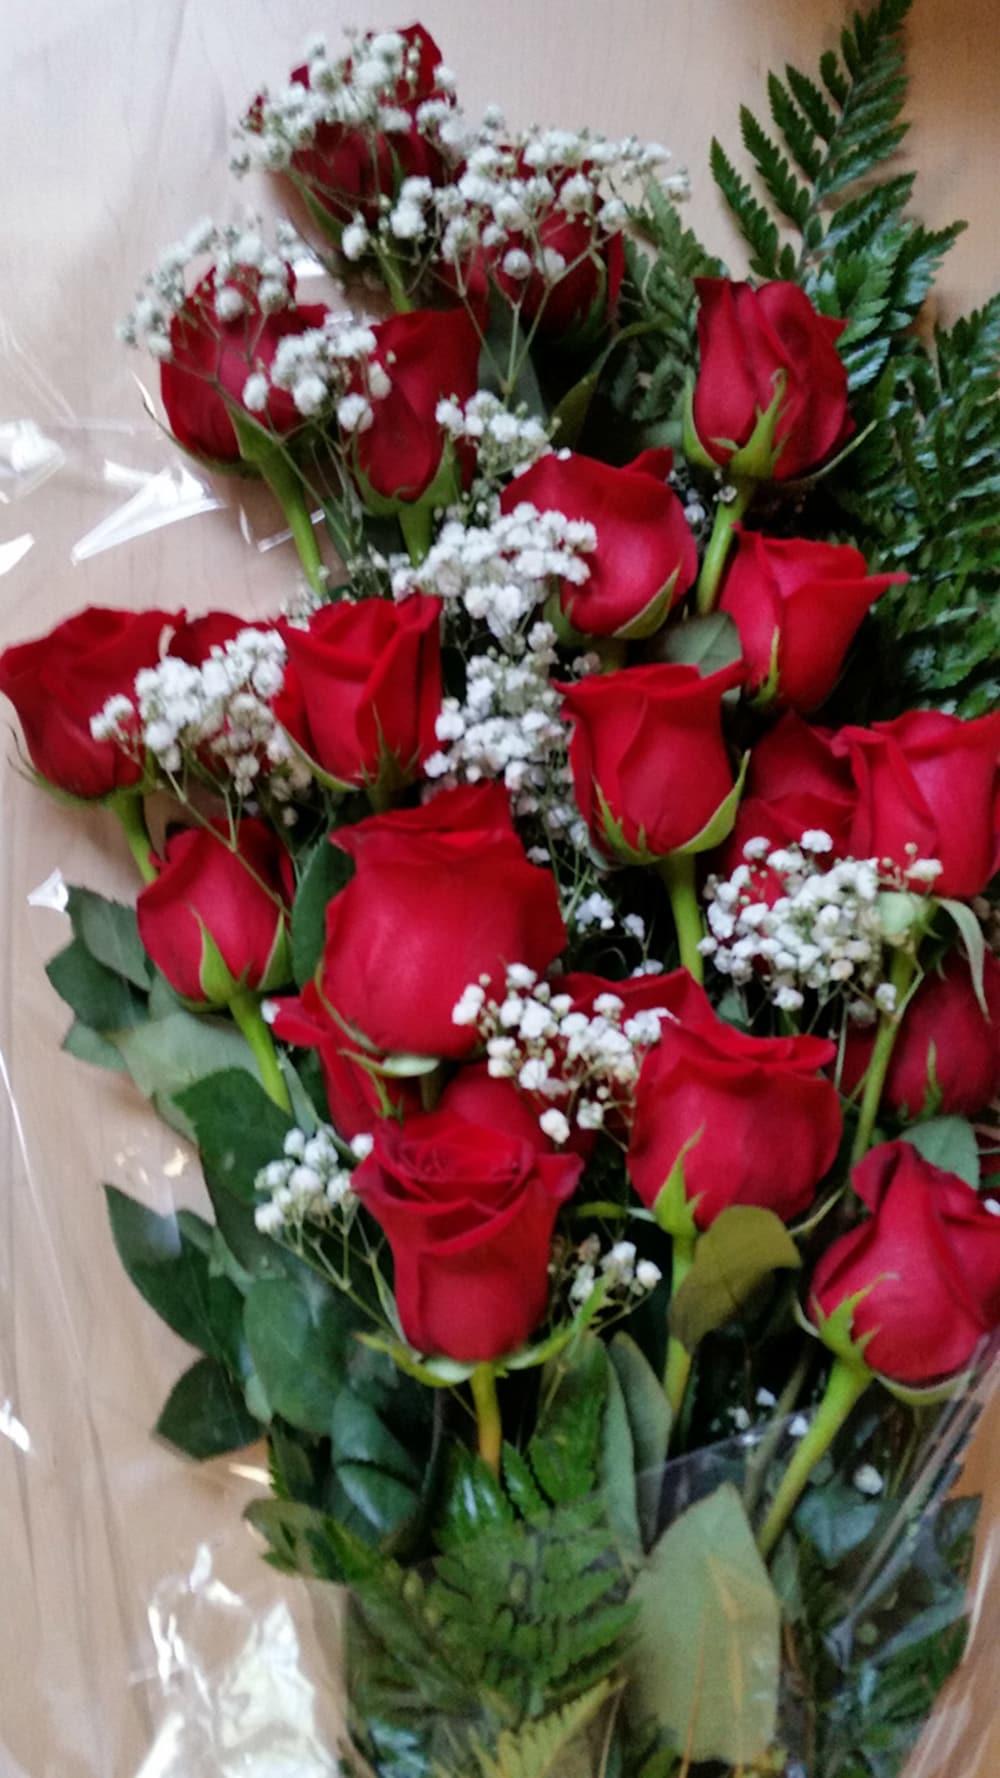 Roses, Roses!